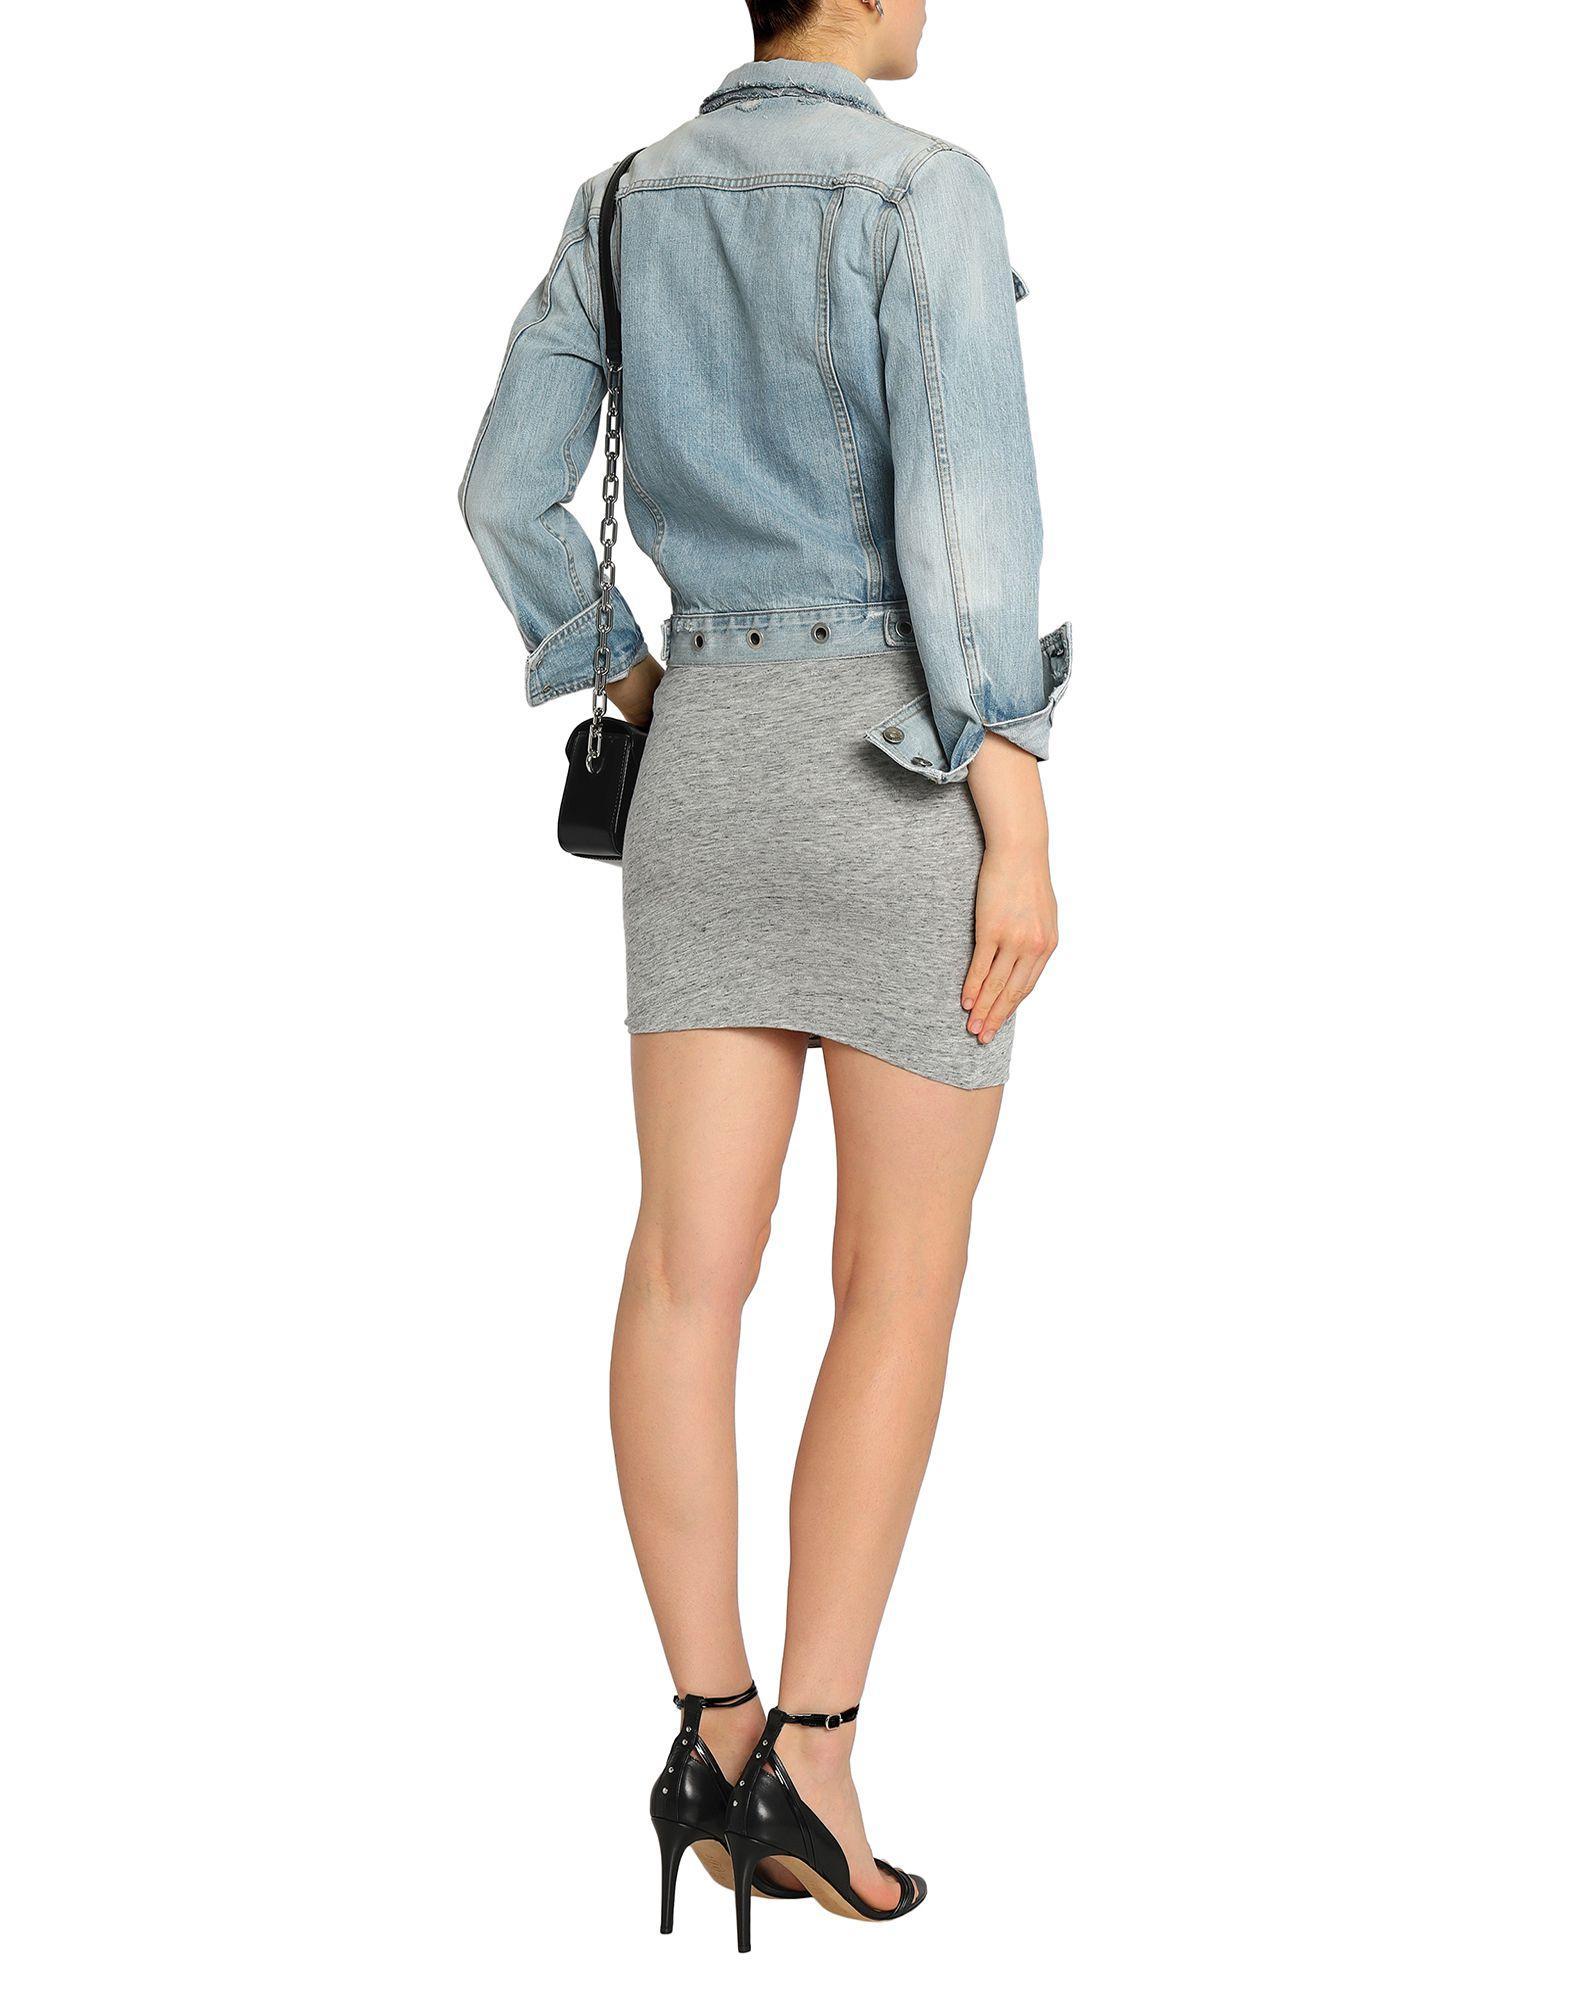 Falda corta IRO de Algodón de color Gris